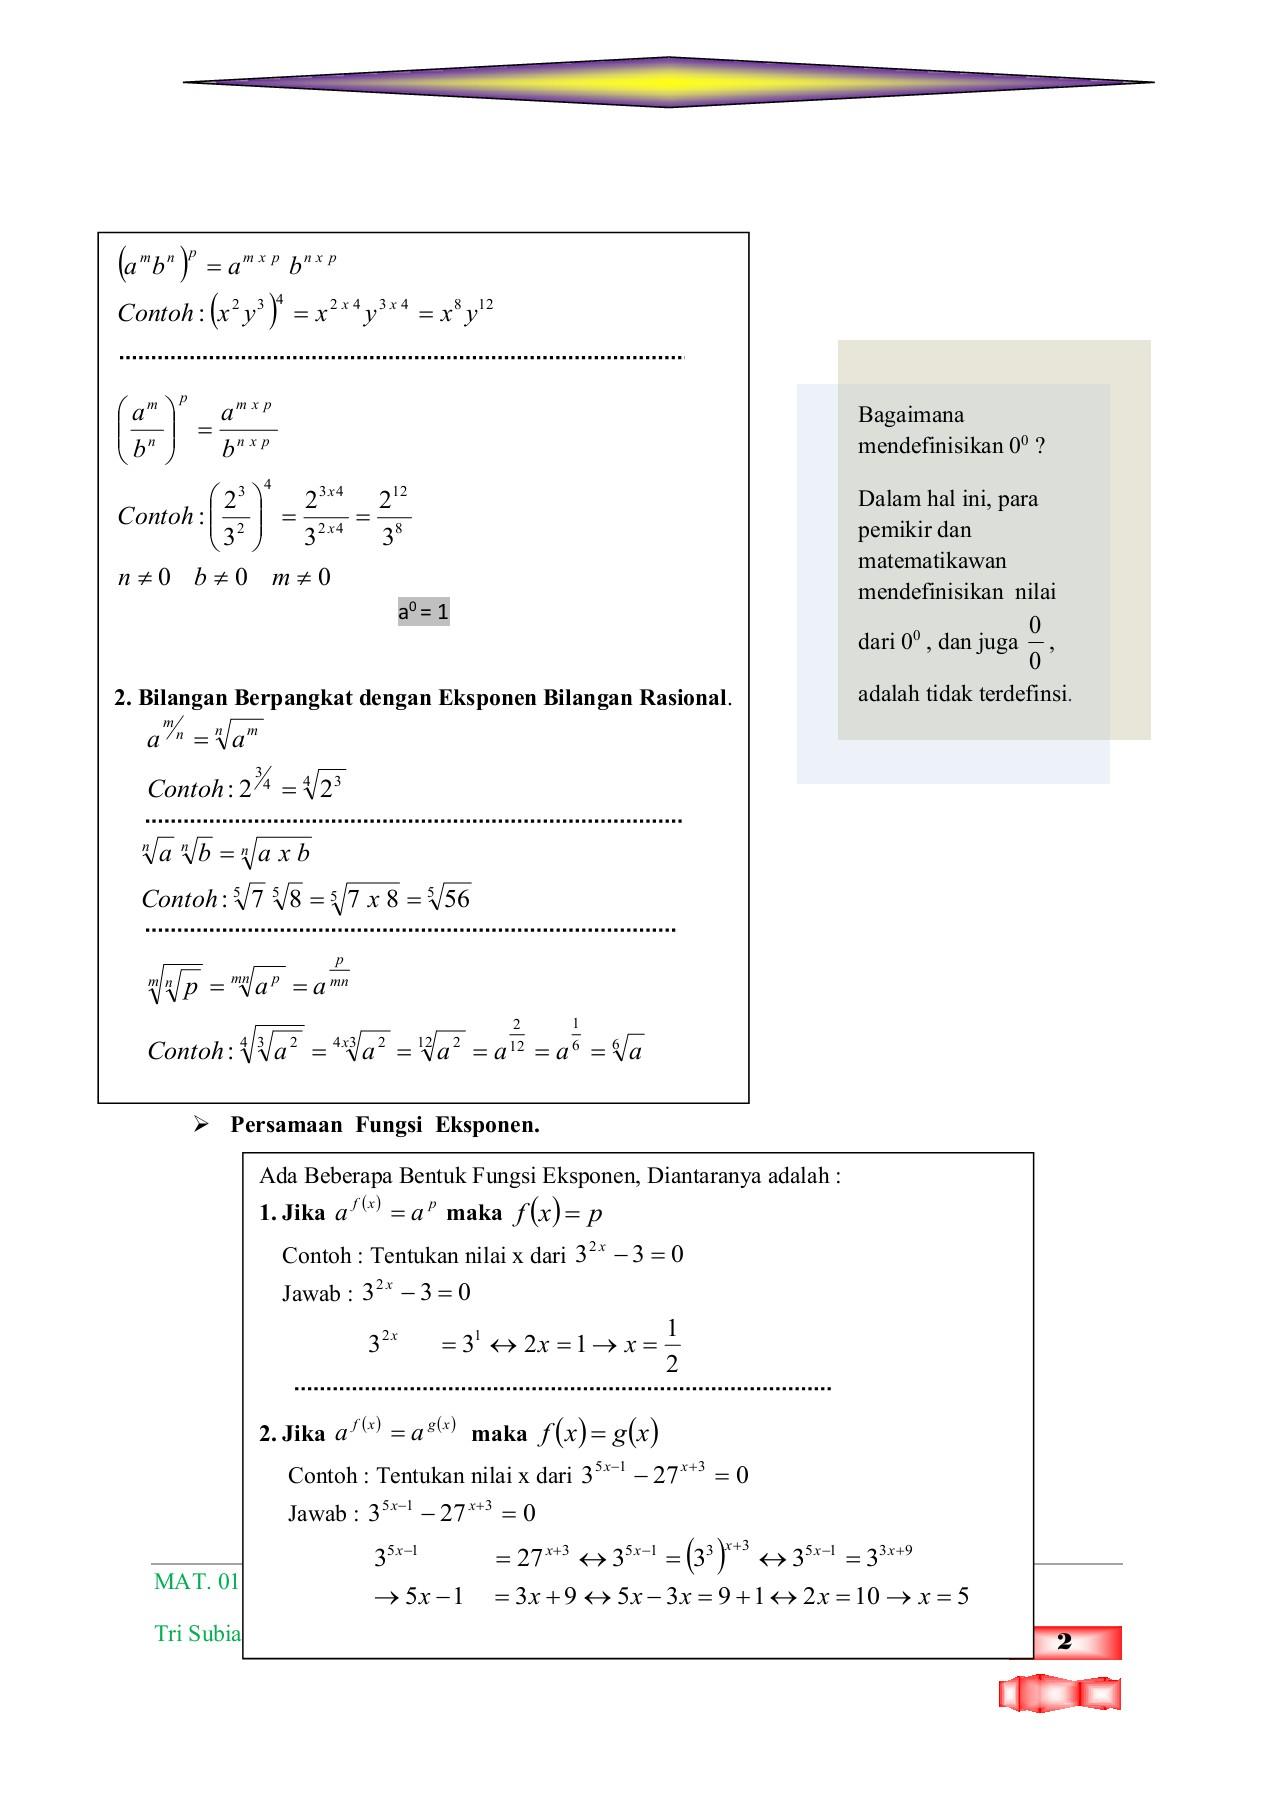 Modul Matematika Sma Ma Bentuk Pangkat Akar Dan Logaritma Flip Book Pages 1 14 Pubhtml5